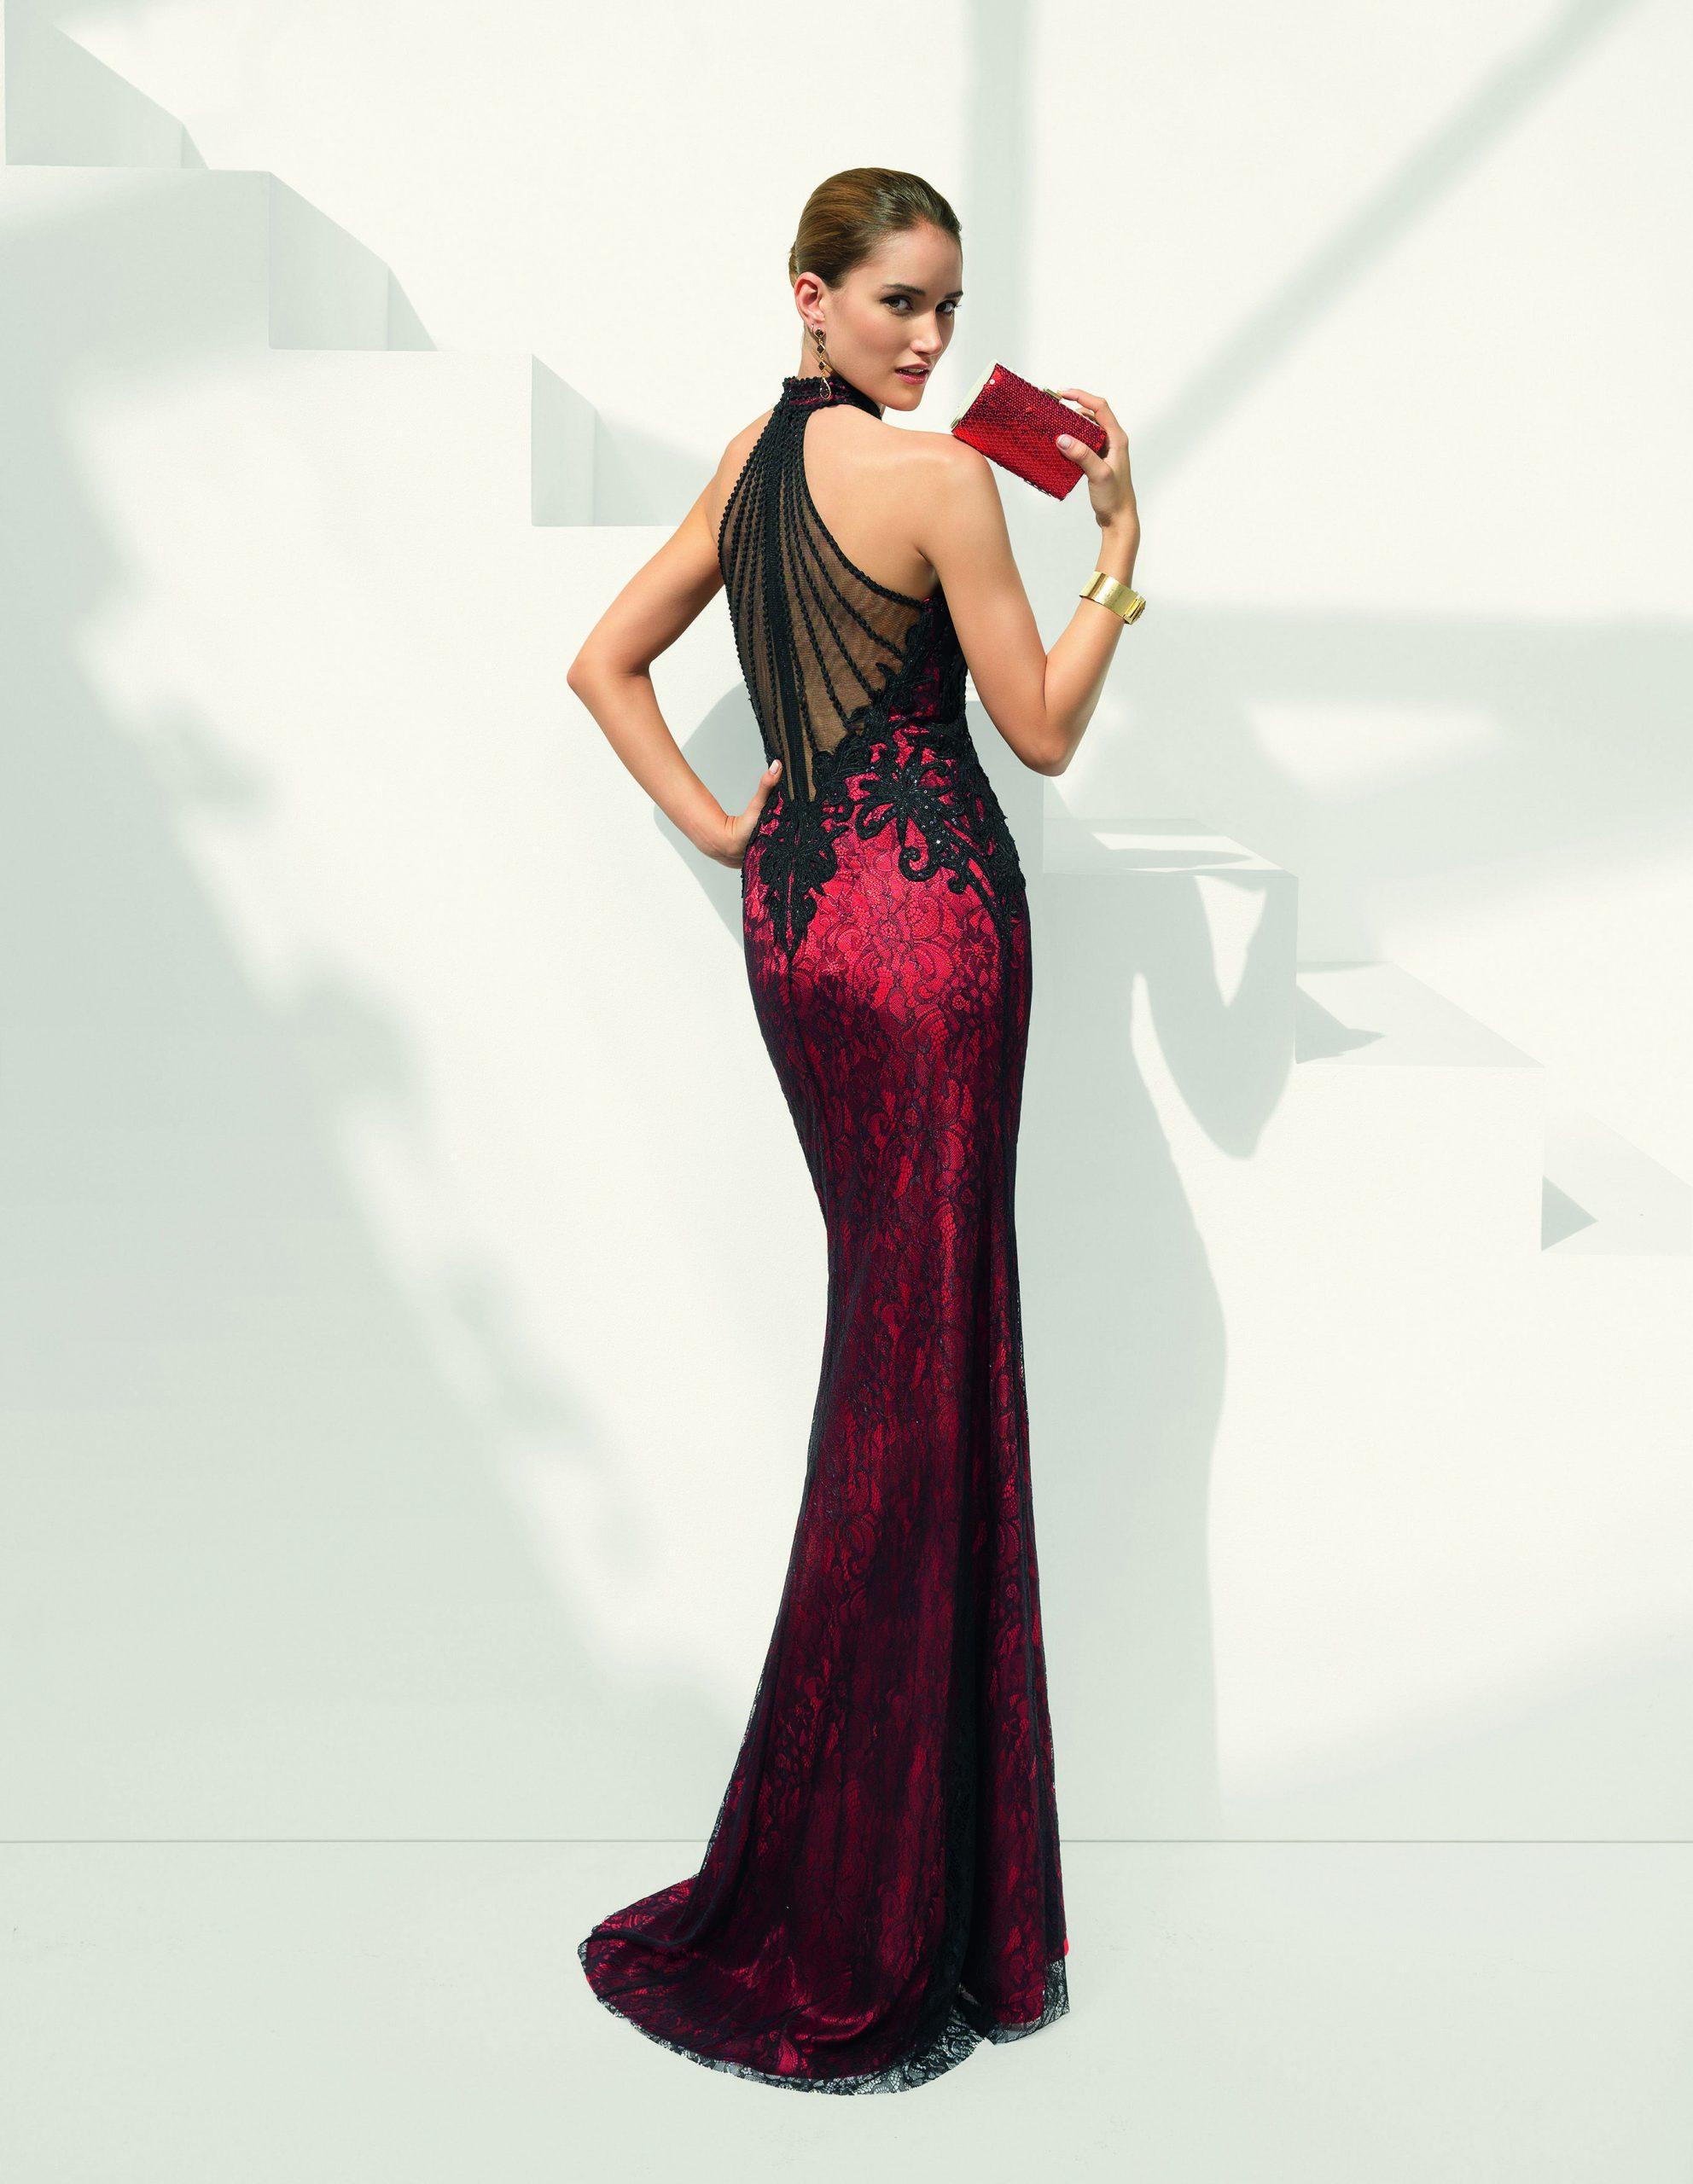 Designer Cool Abendkleid Besonders Stylish17 Top Abendkleid Besonders Vertrieb